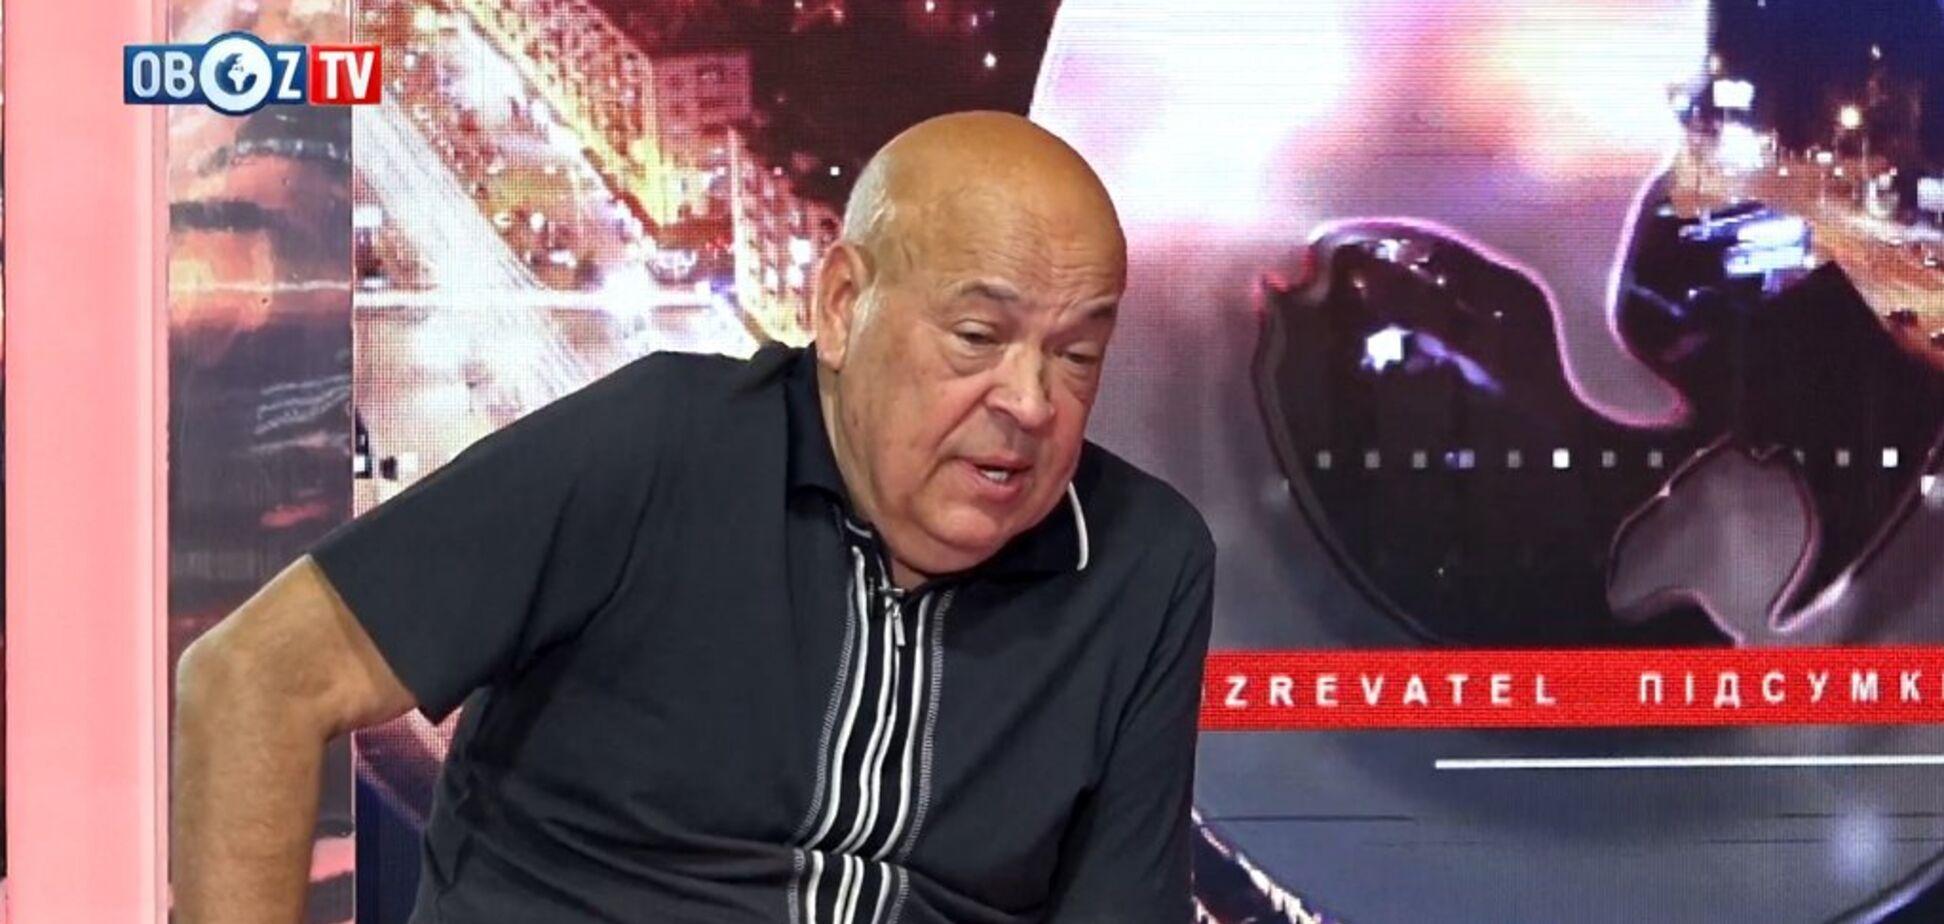 Населення окупованих територій не готове до деокупації: Геннадій Москаль